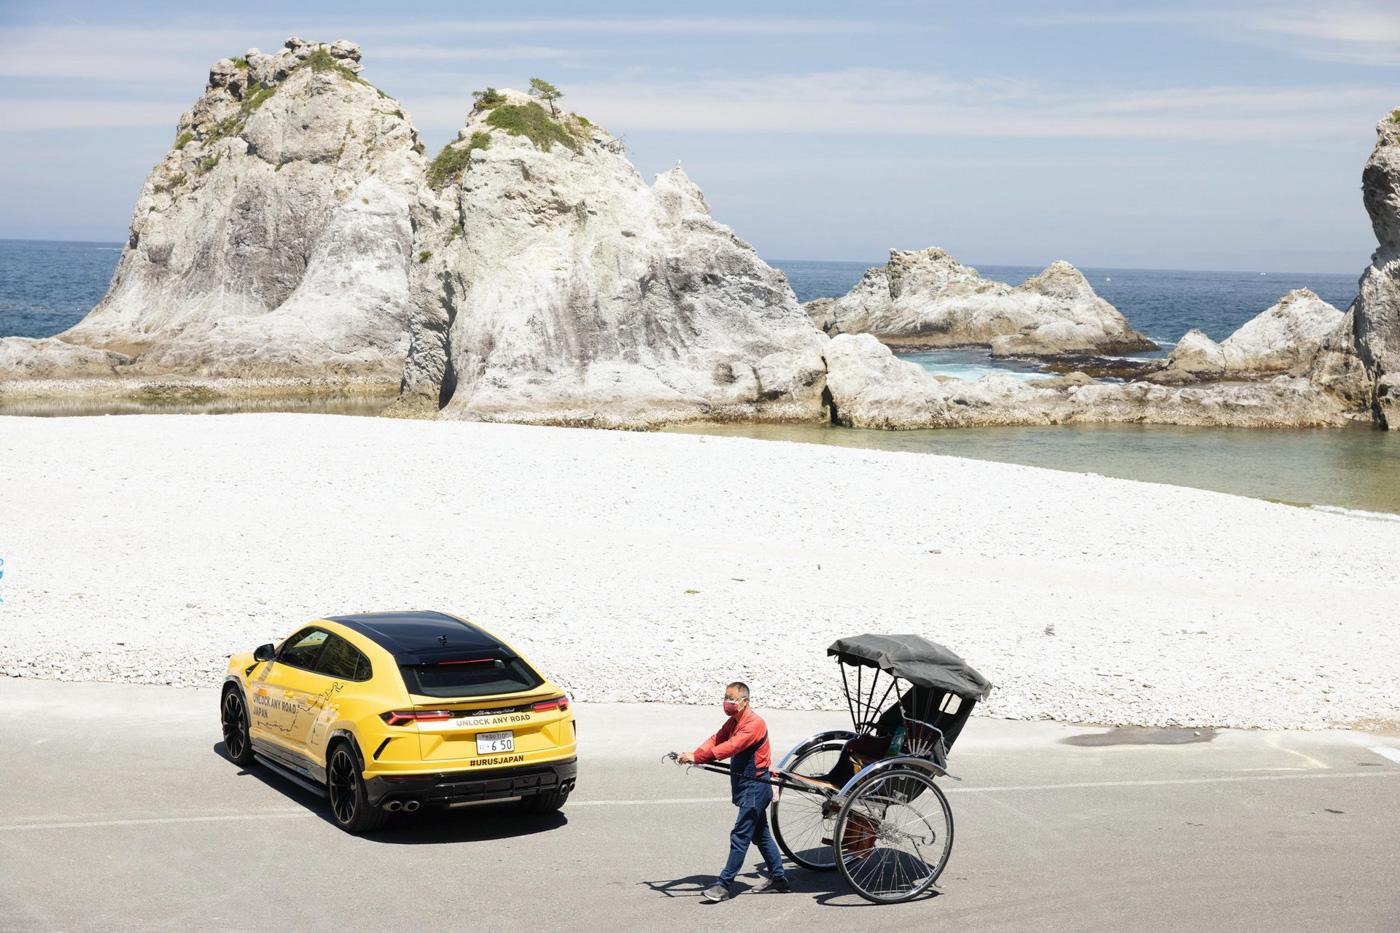 Bộ-đôi-Lamborghini-Urus-vượt-hơn-6.500-km-trong-hành-trình-xuyên-Nhật-Bản (42).jpg